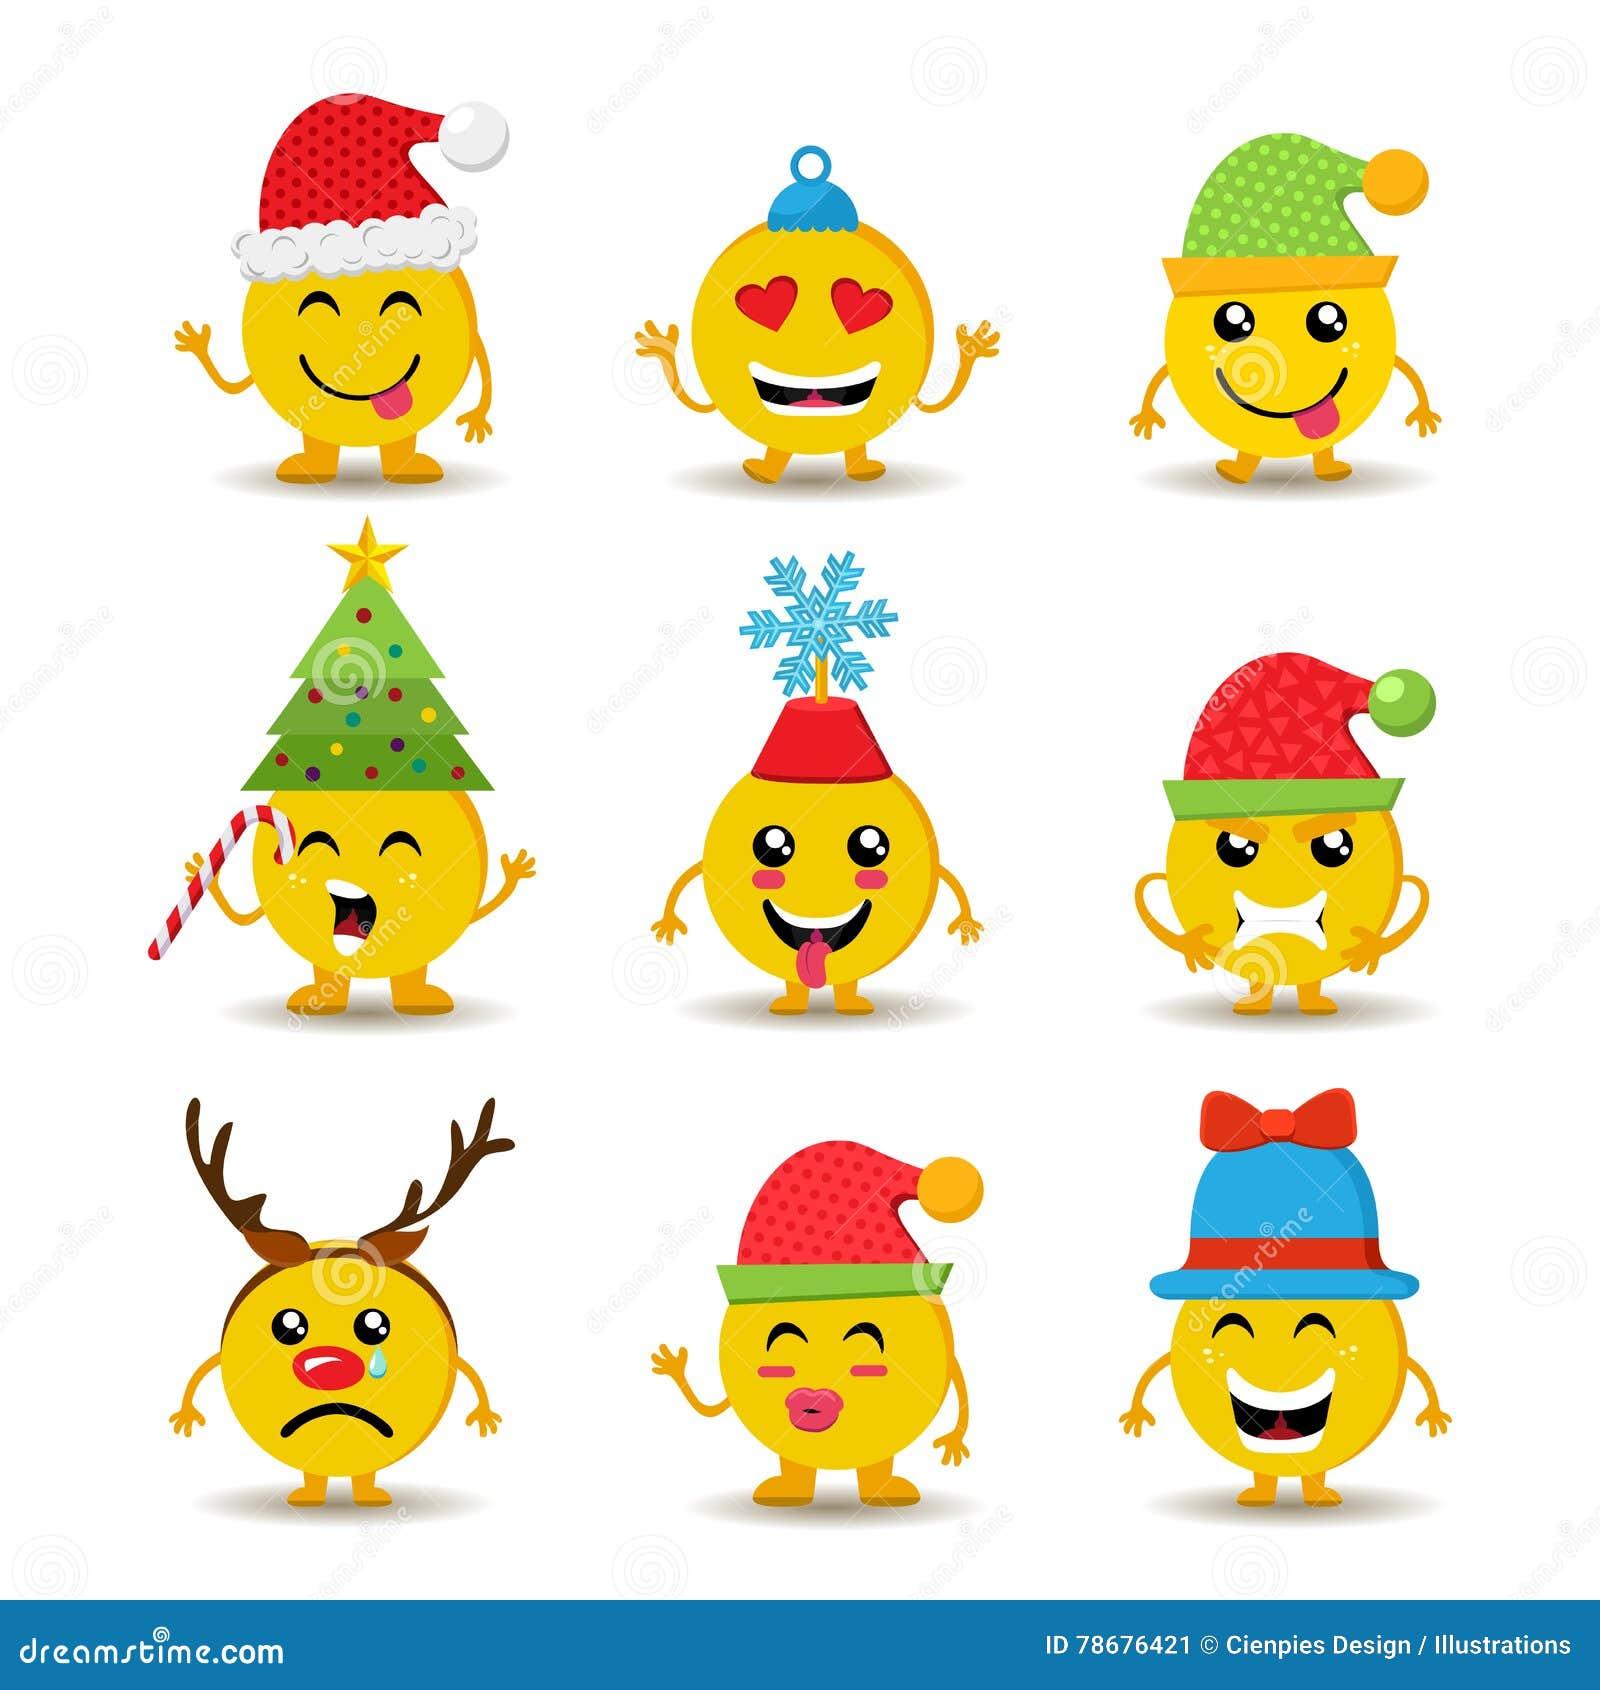 Feiertag Emoji Ikone Stellte Für Weihnachten Und Neues Jahr Ein ...